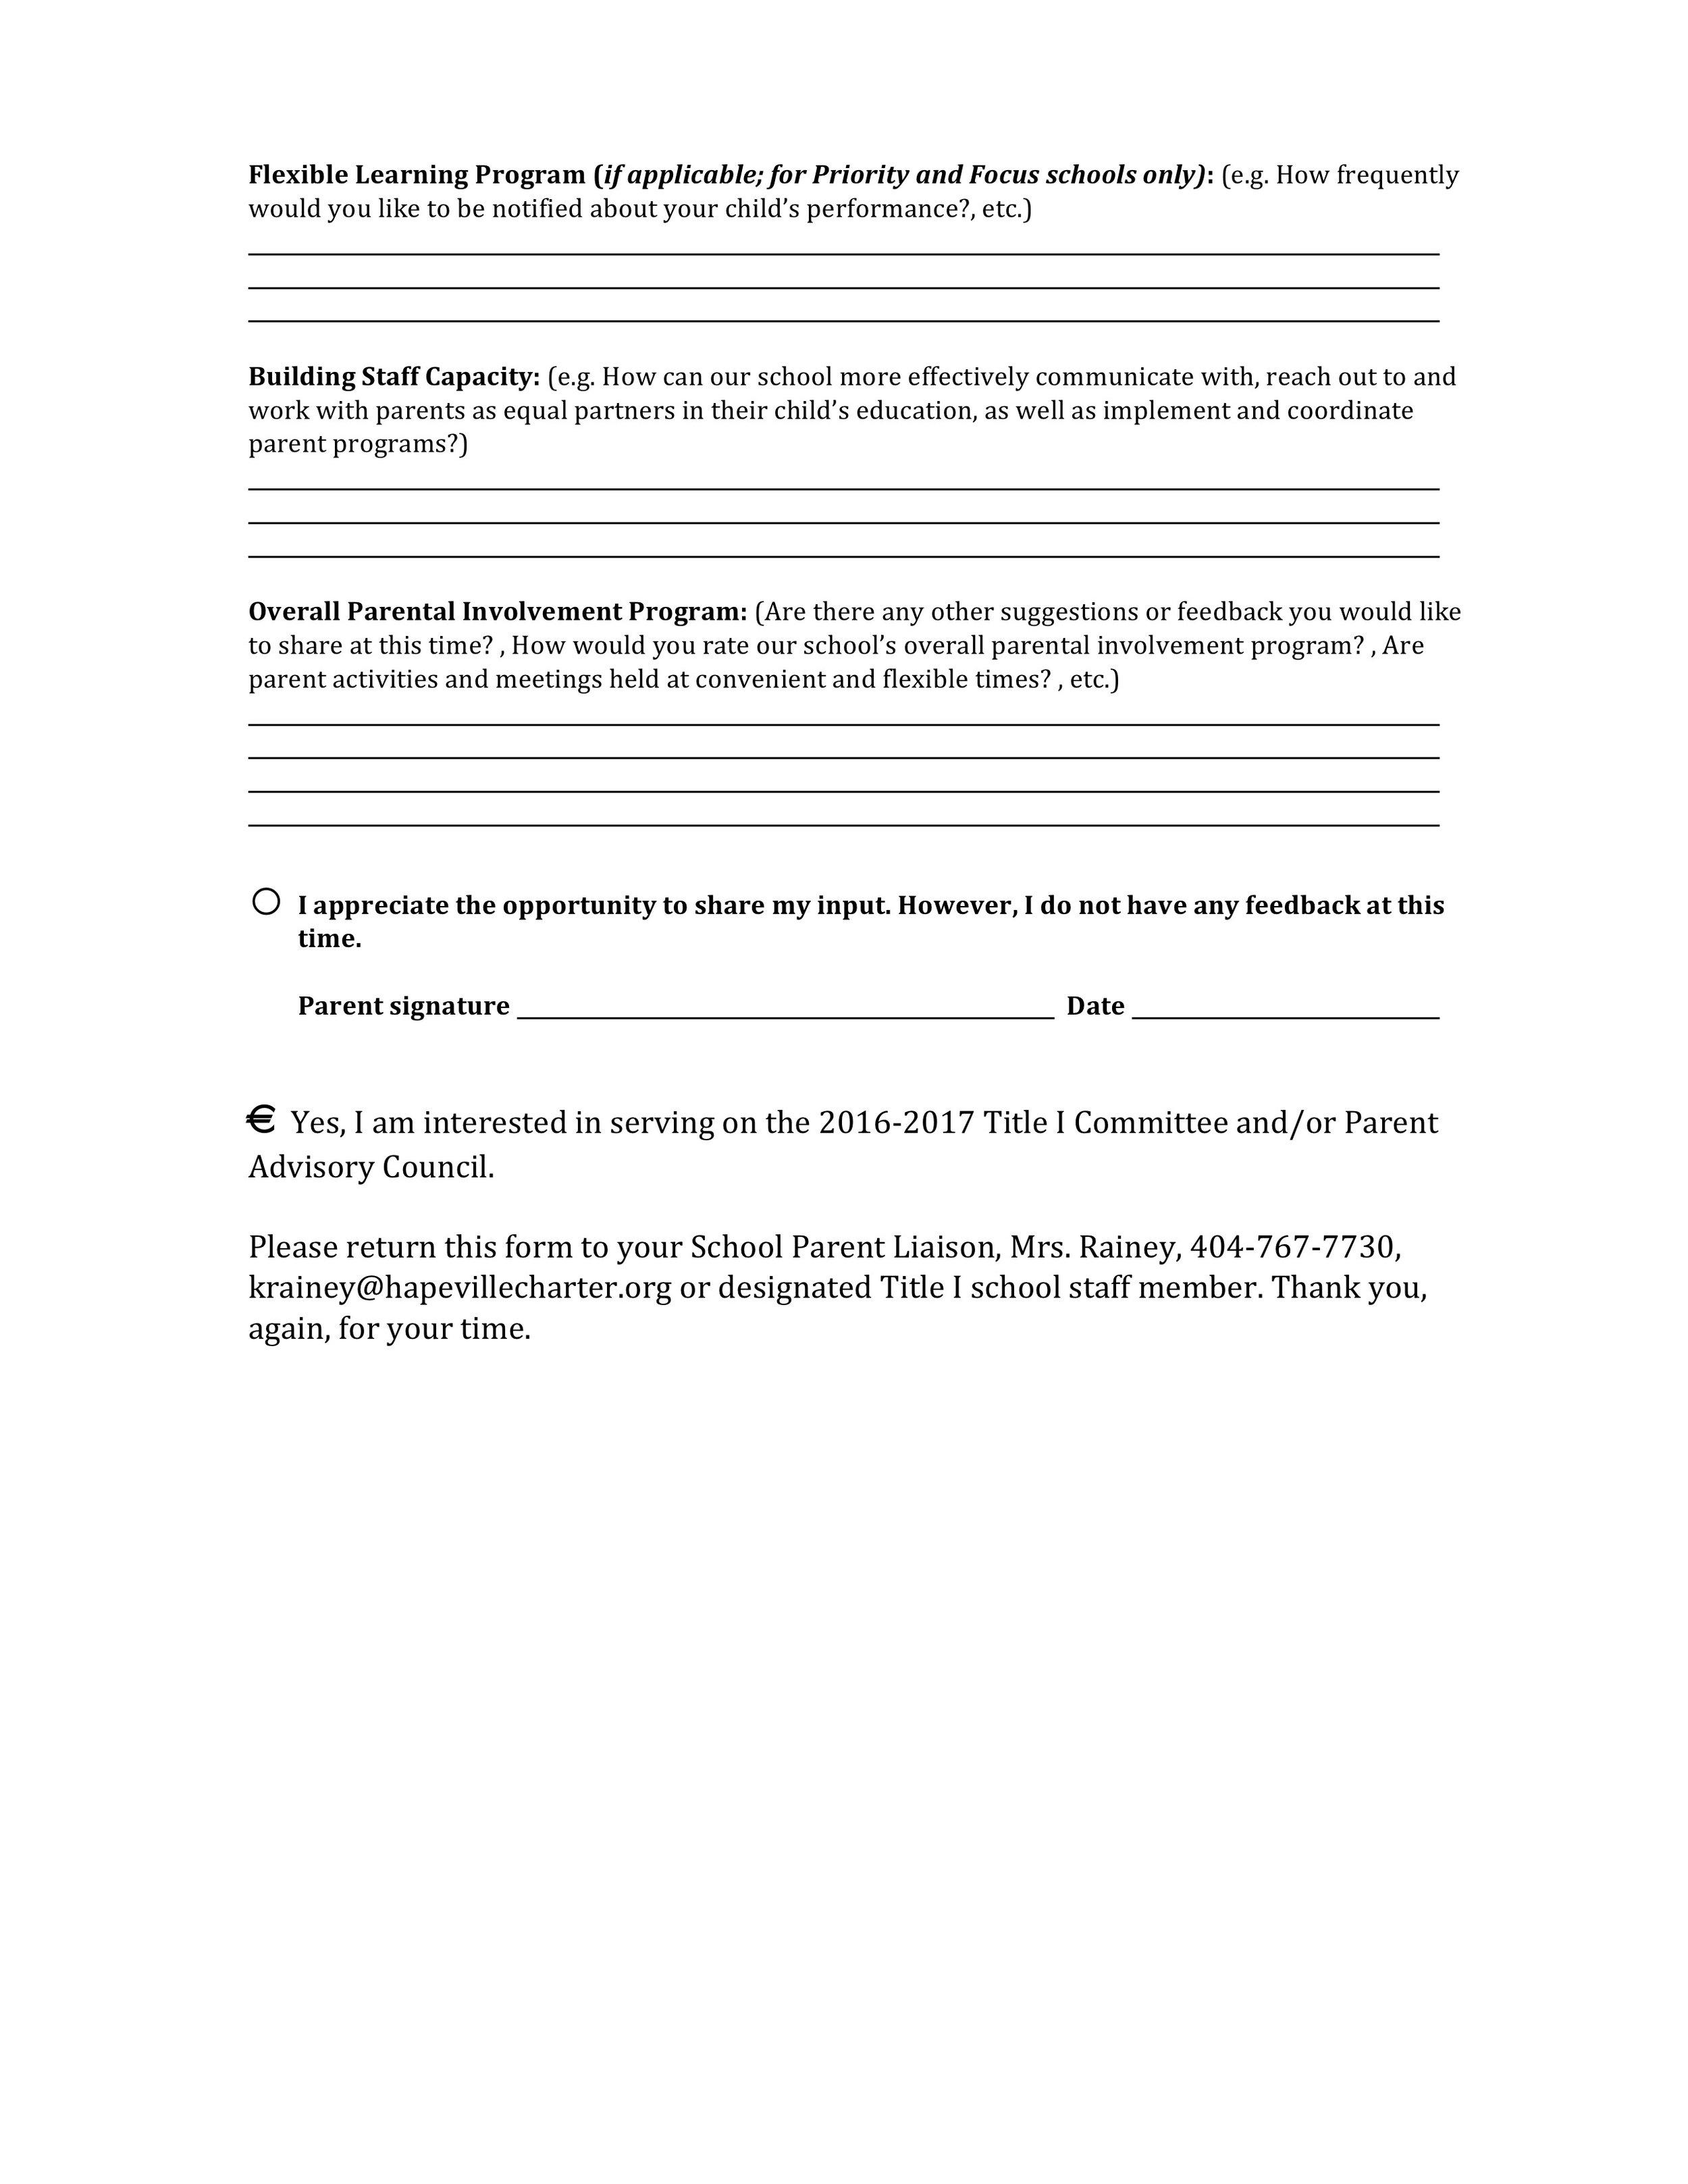 Newsletter Image7th Grade Newsletter 9-5-2016 11.jpeg